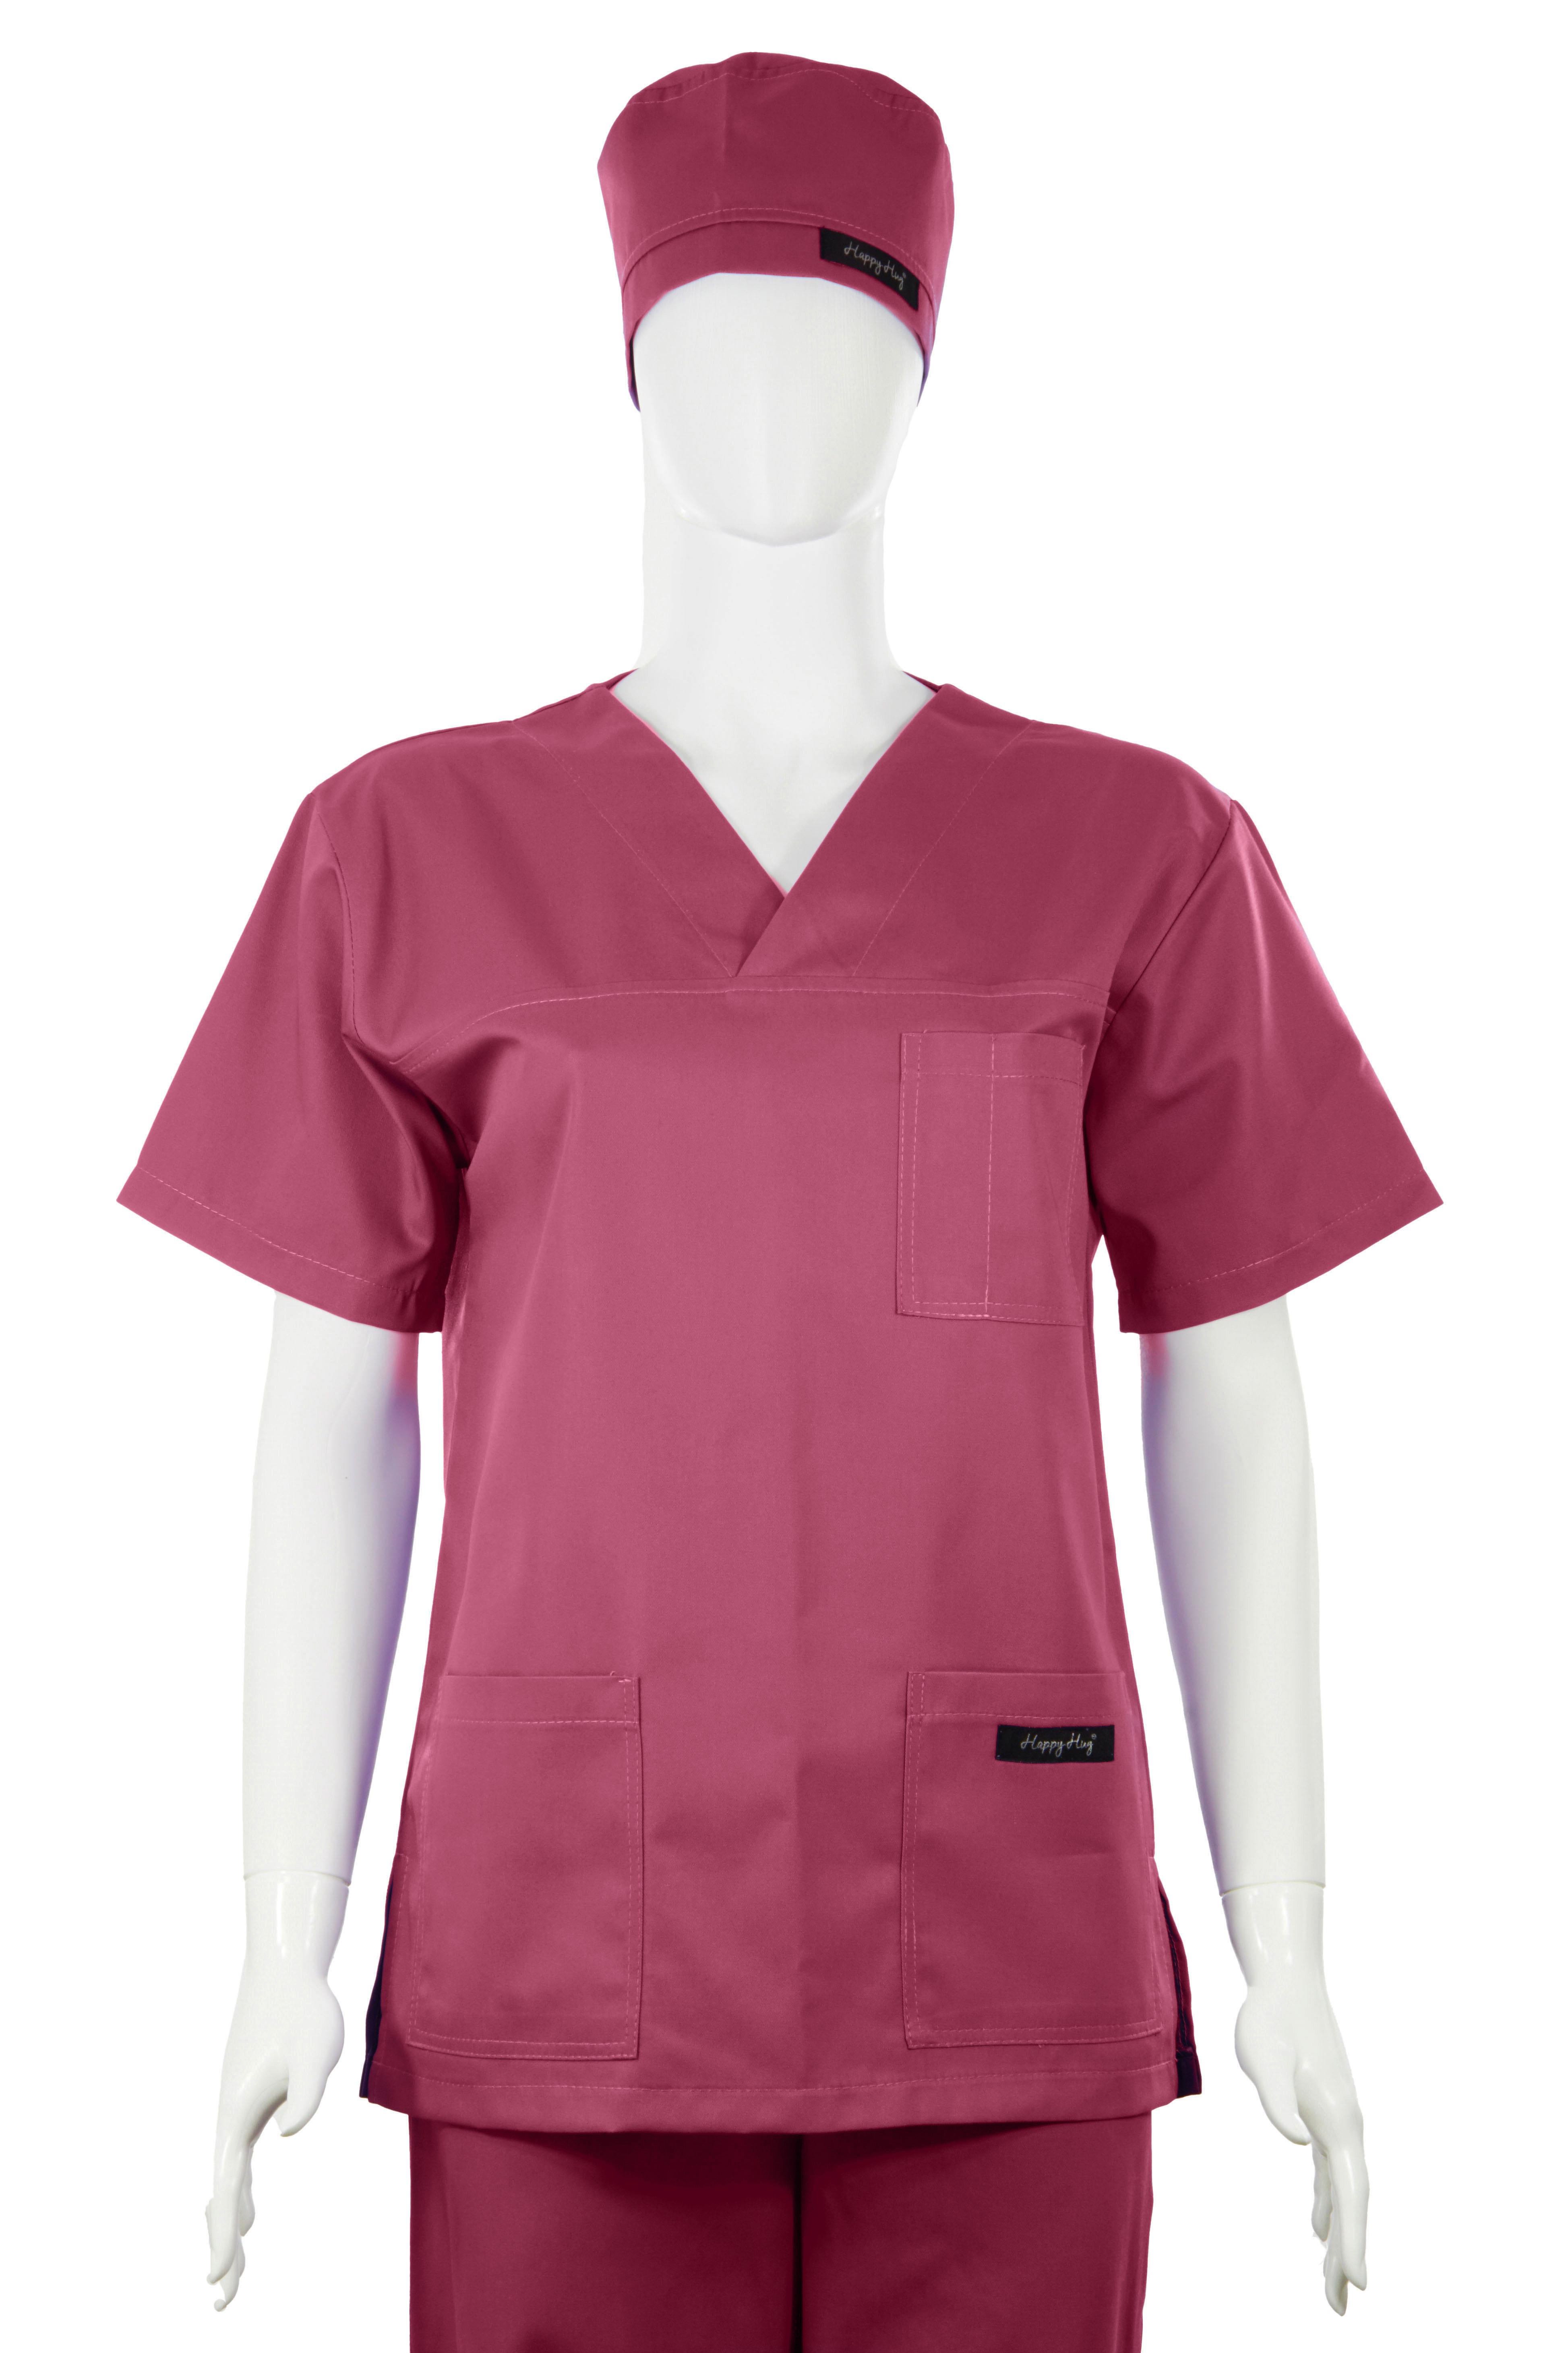 Costum Medical Unisex bordeaux 2XL 2XL [0]